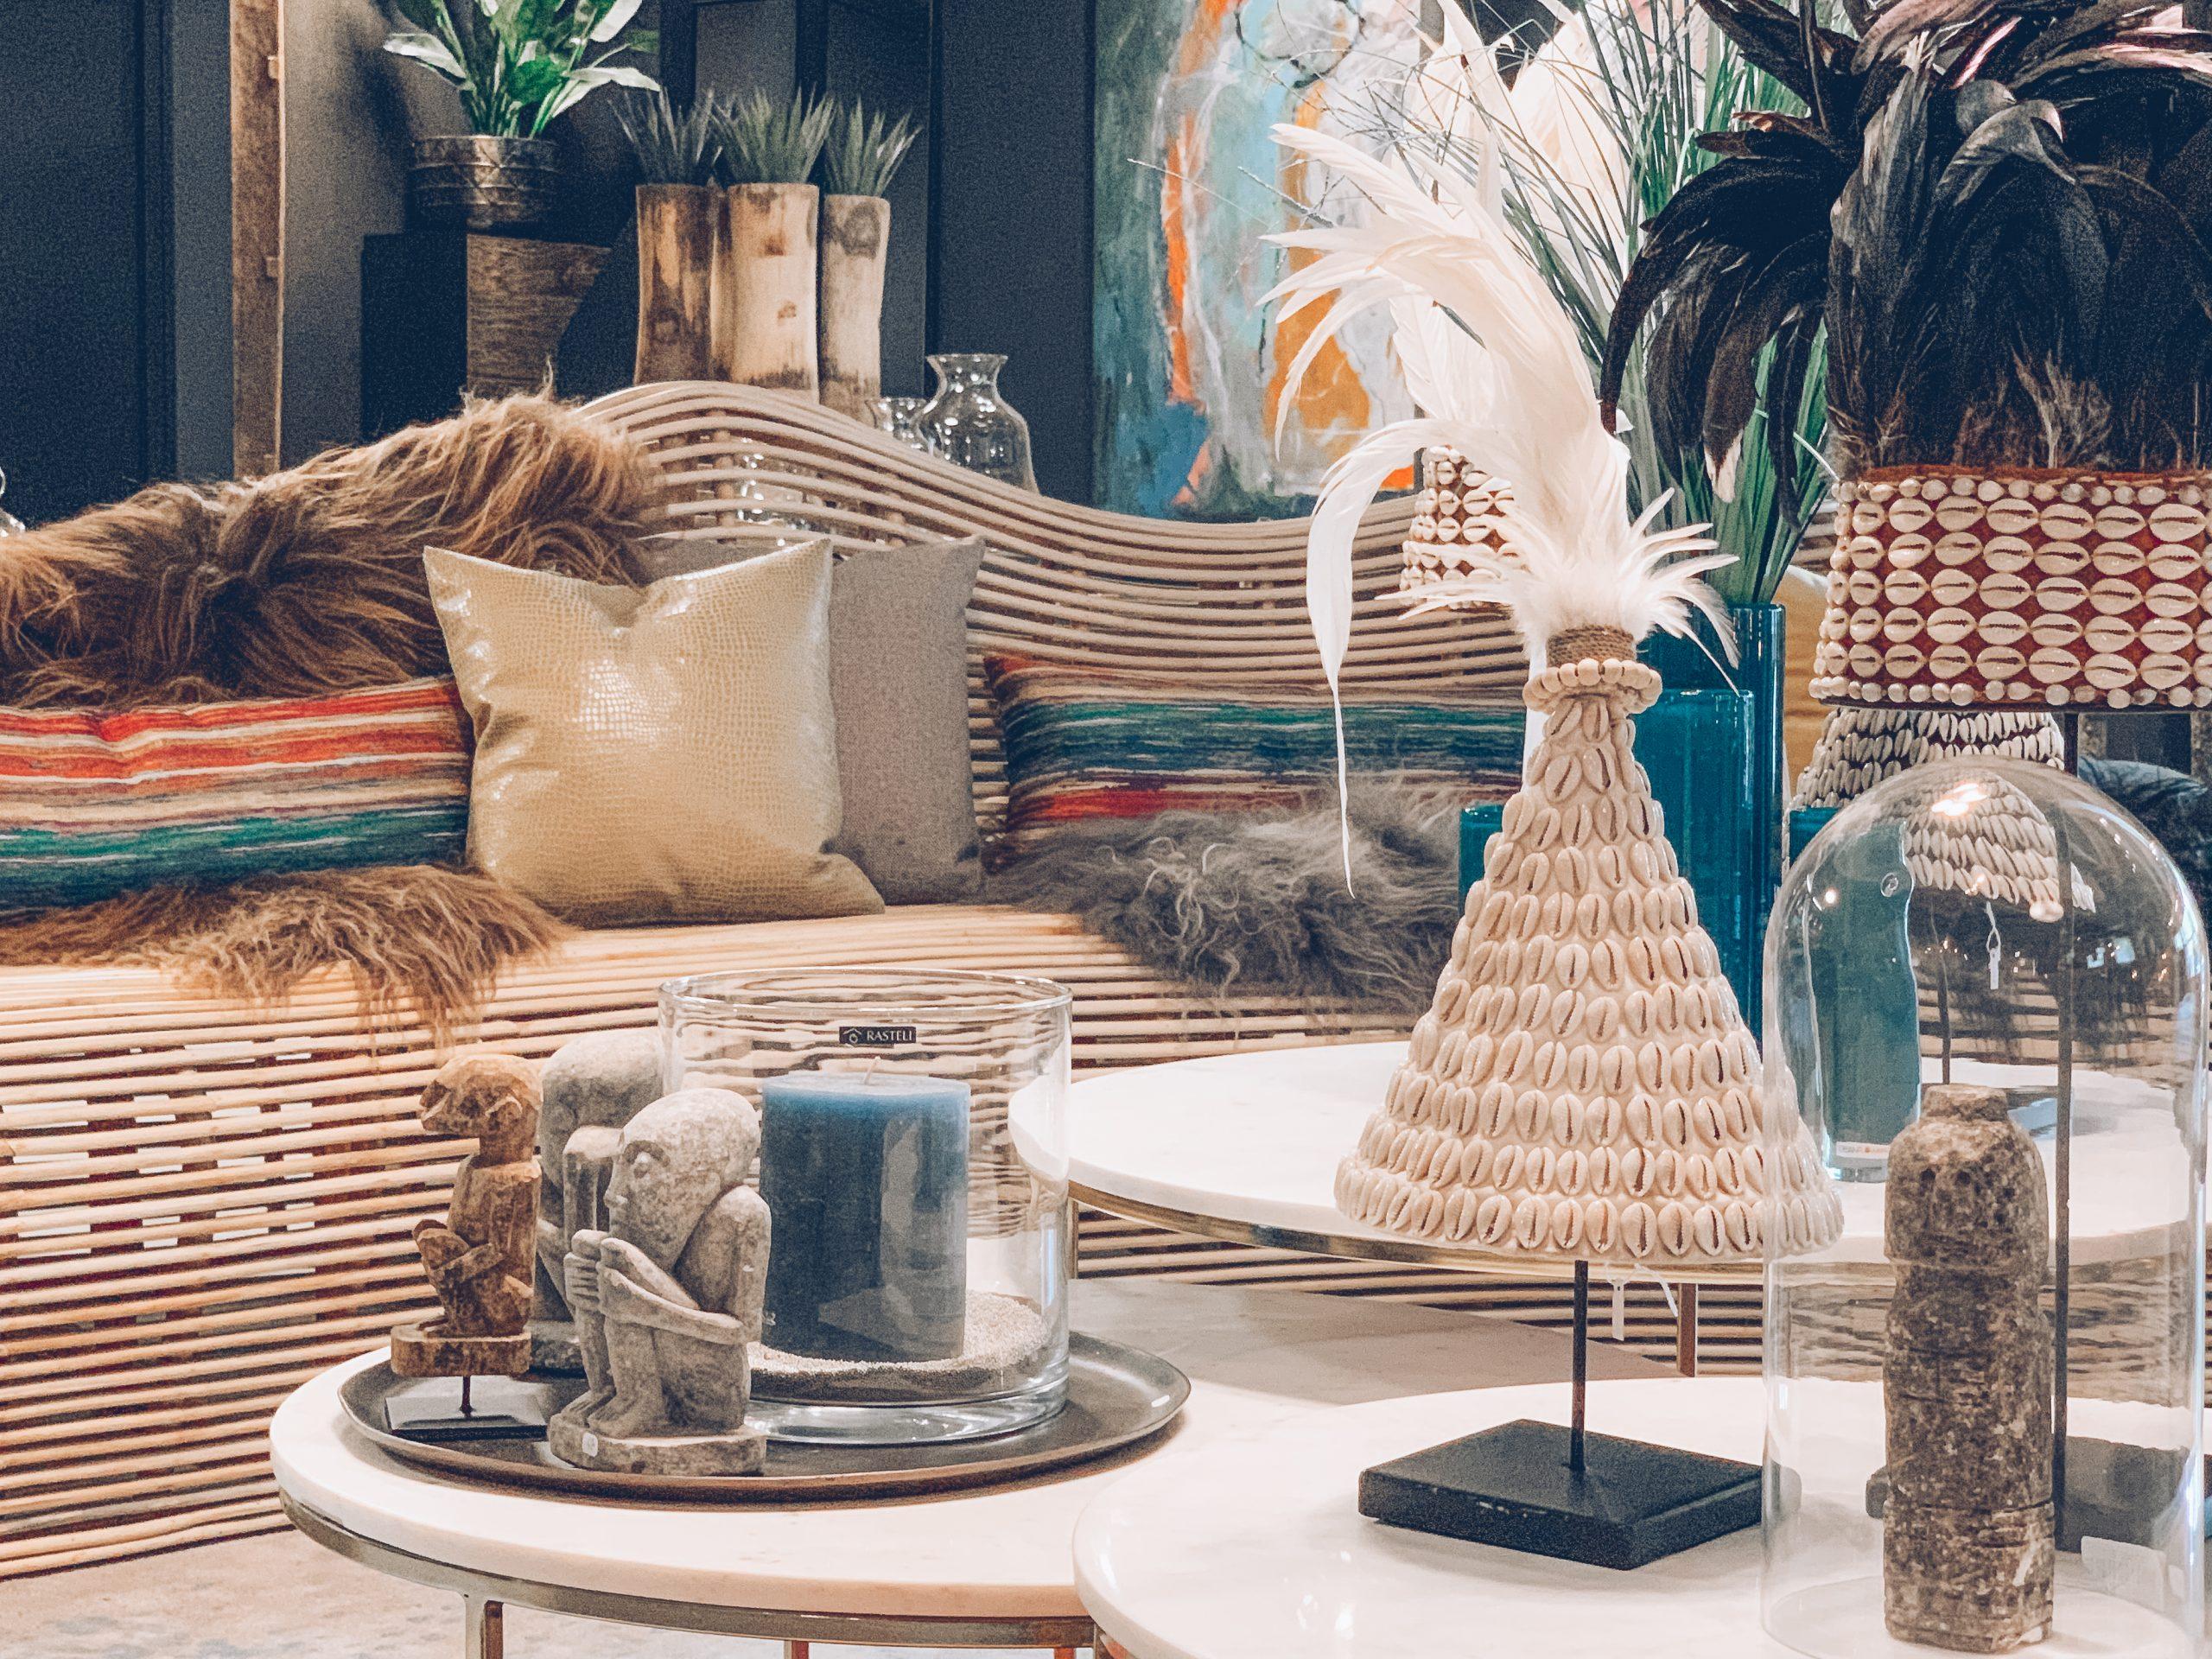 magasin de décoration, décoration ethnique, bougies, plumes décoration, coussins confortables, plantes, jn interiors, jour et nuit liège verviers